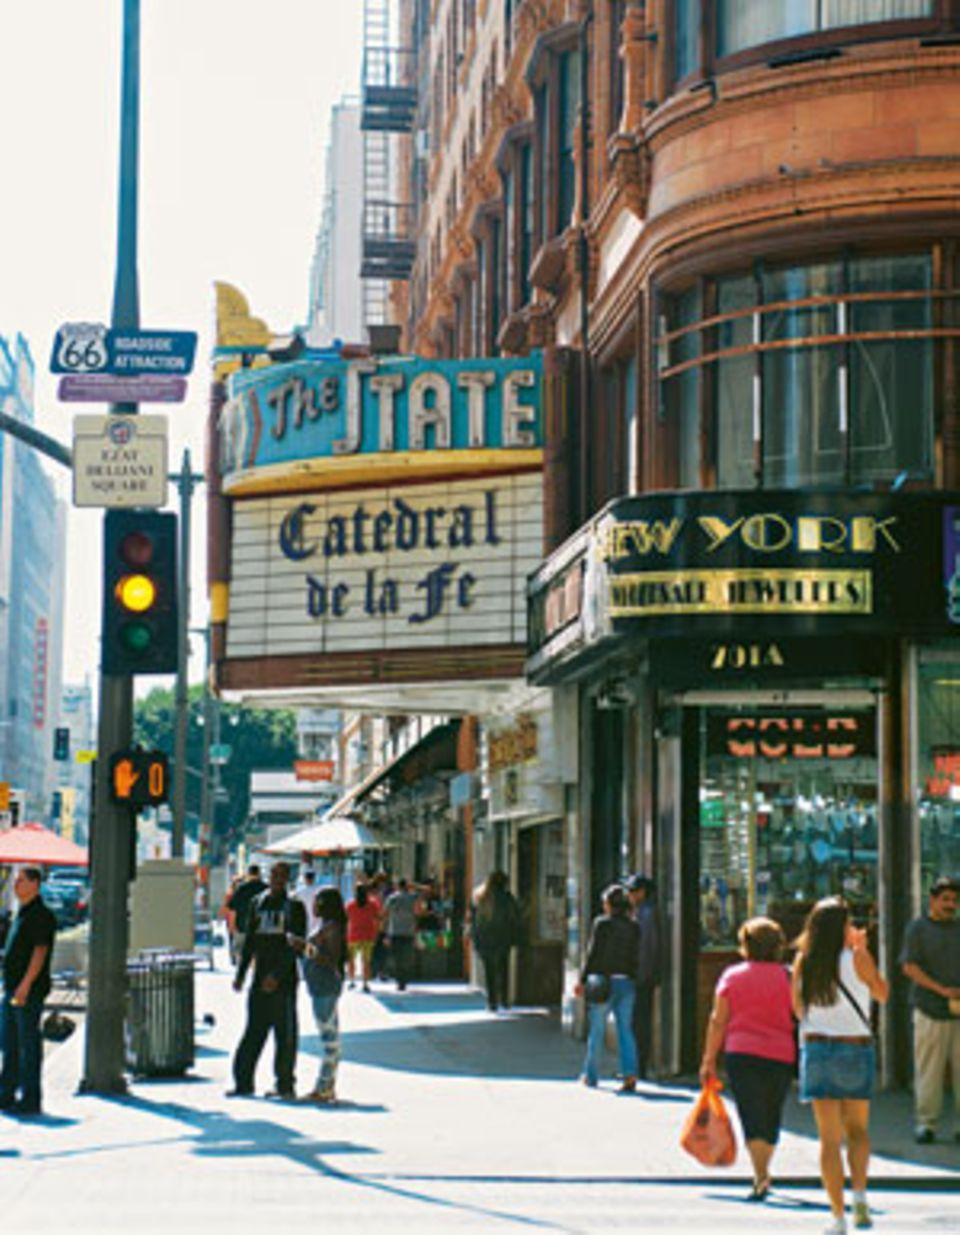 Einige Ecken in der Innenstadt sehen dank Bauten im Stil des Art déco noch aus wie in den 1920er Jahren.